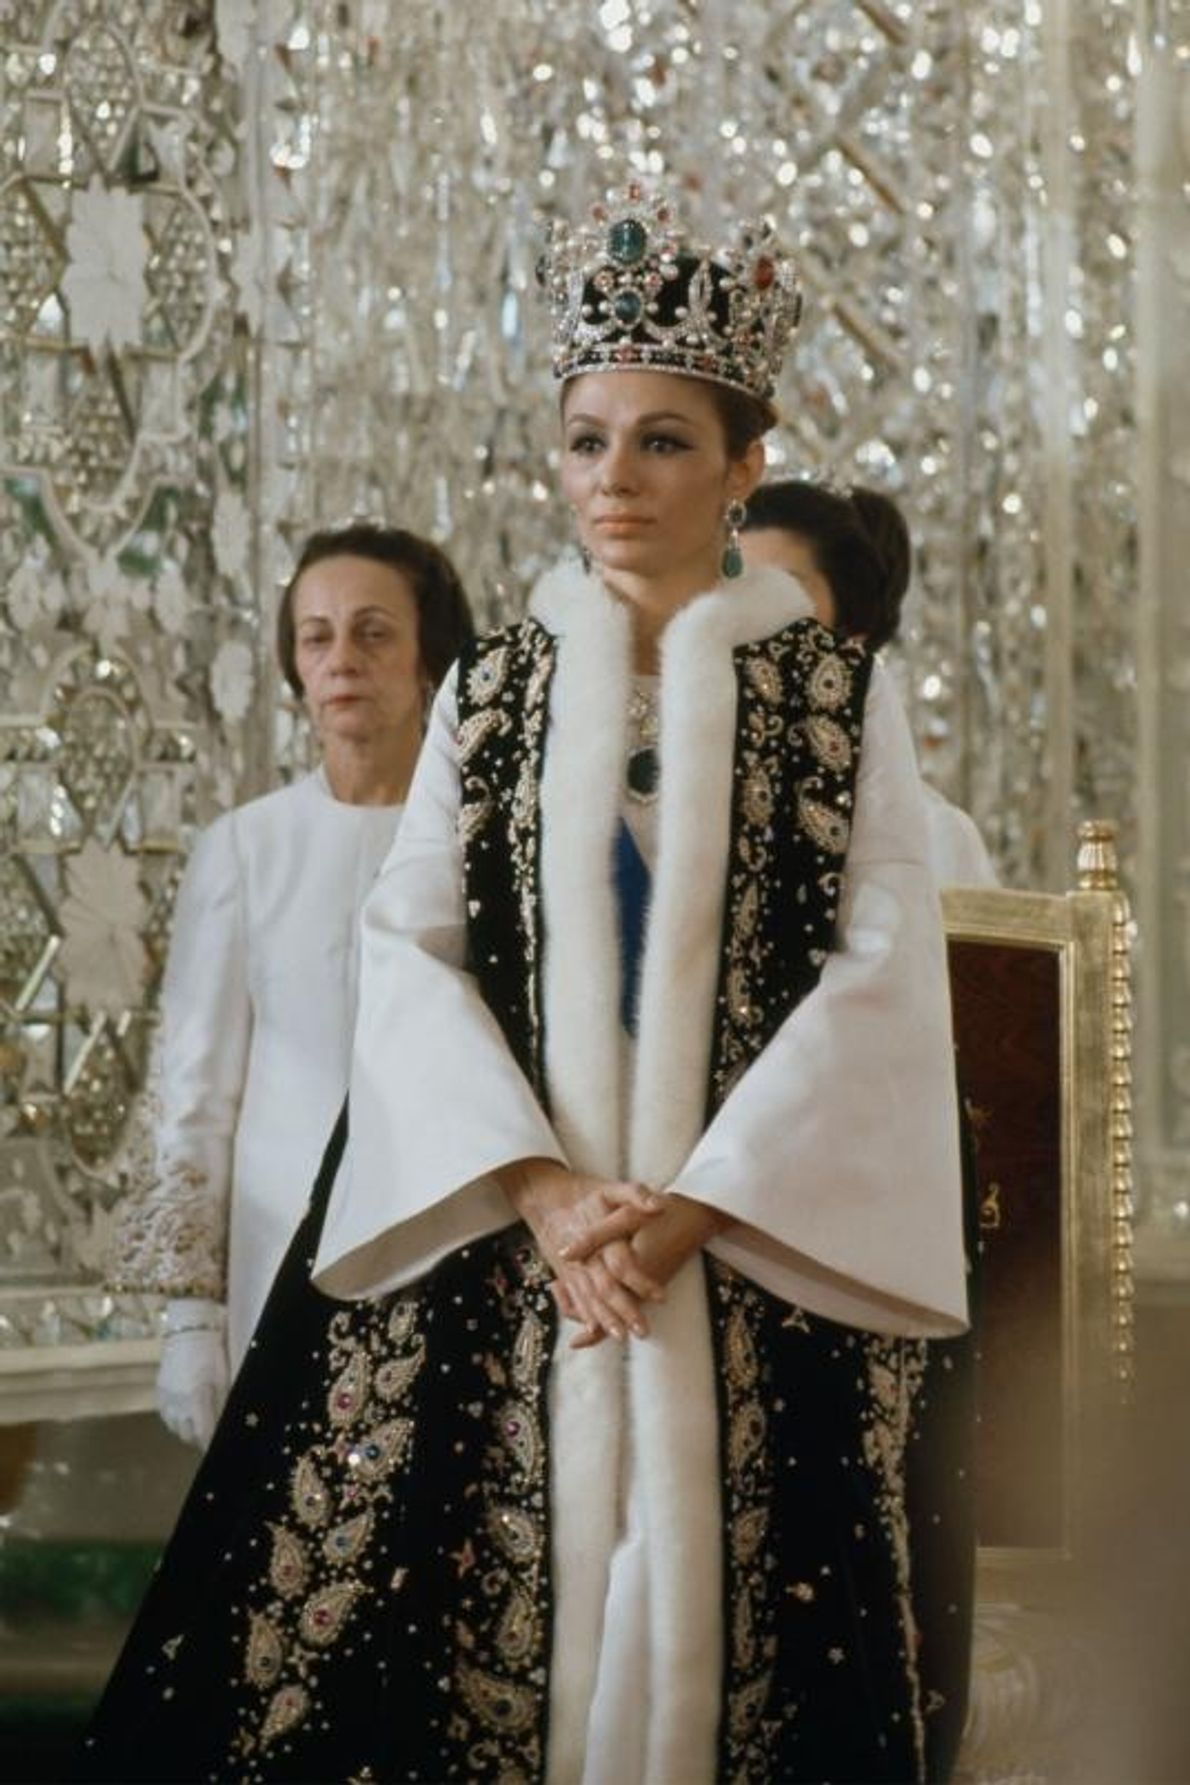 Farah Pahlavi, a agora exilada imperatriz do Irão, na sua coroação no palácio do Golestão, em ...